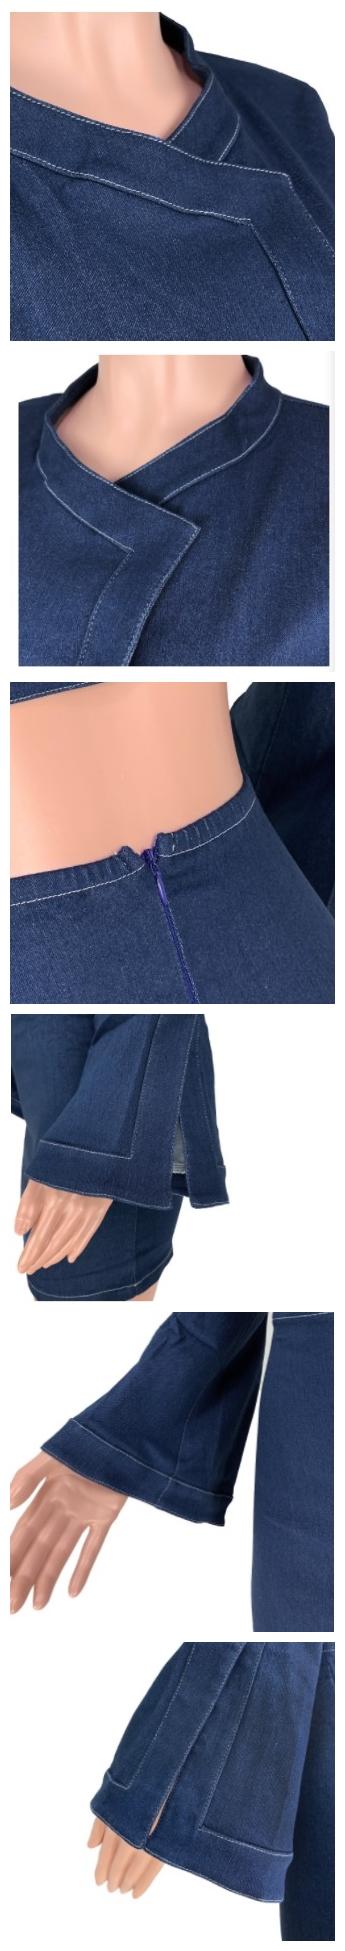 American women's trumpet sleeve zipper sexy button denim skirt  jeans 2 piece suit